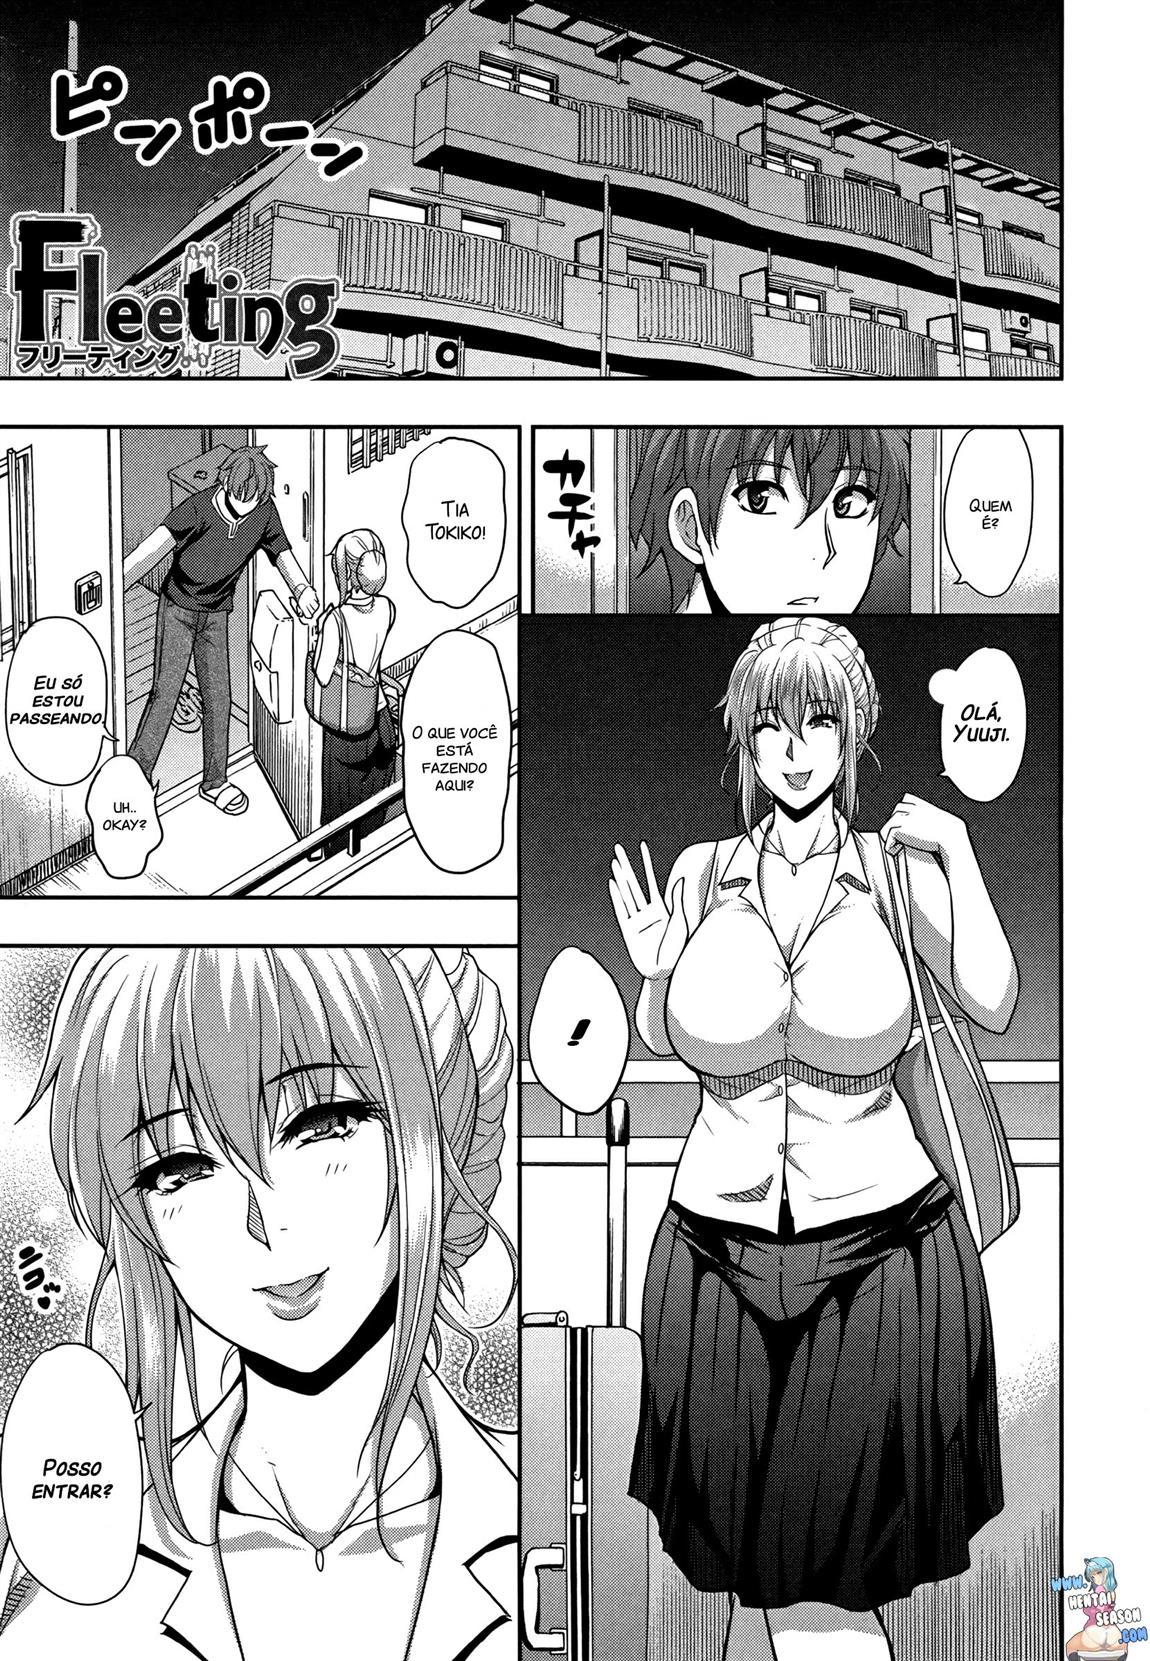 Fleeting (Osaekirenai kono Kimochi)